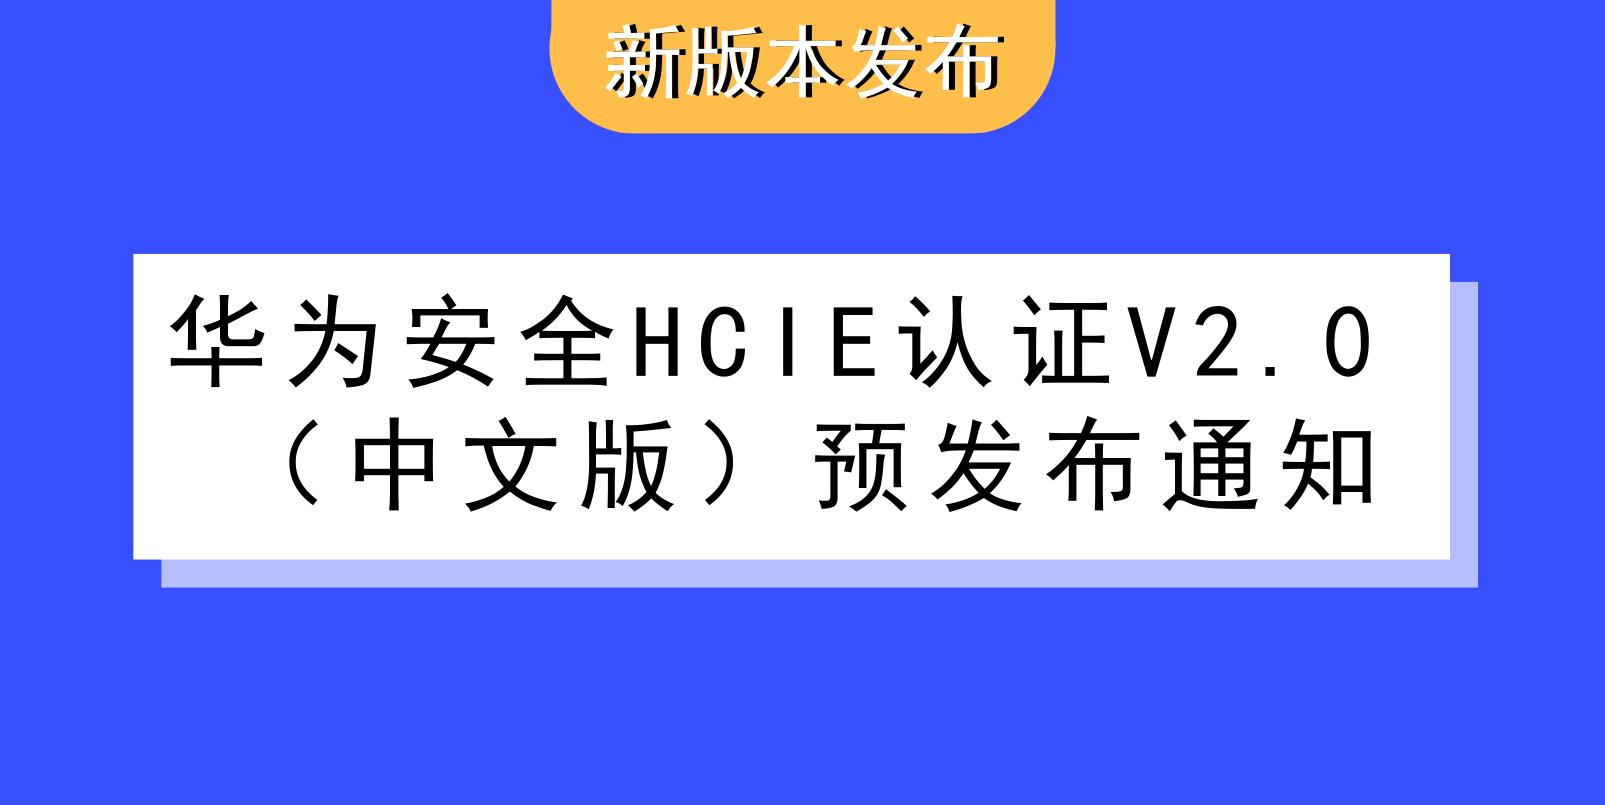 华为安全HCIE认证V2.0 (中文版)预发布通知